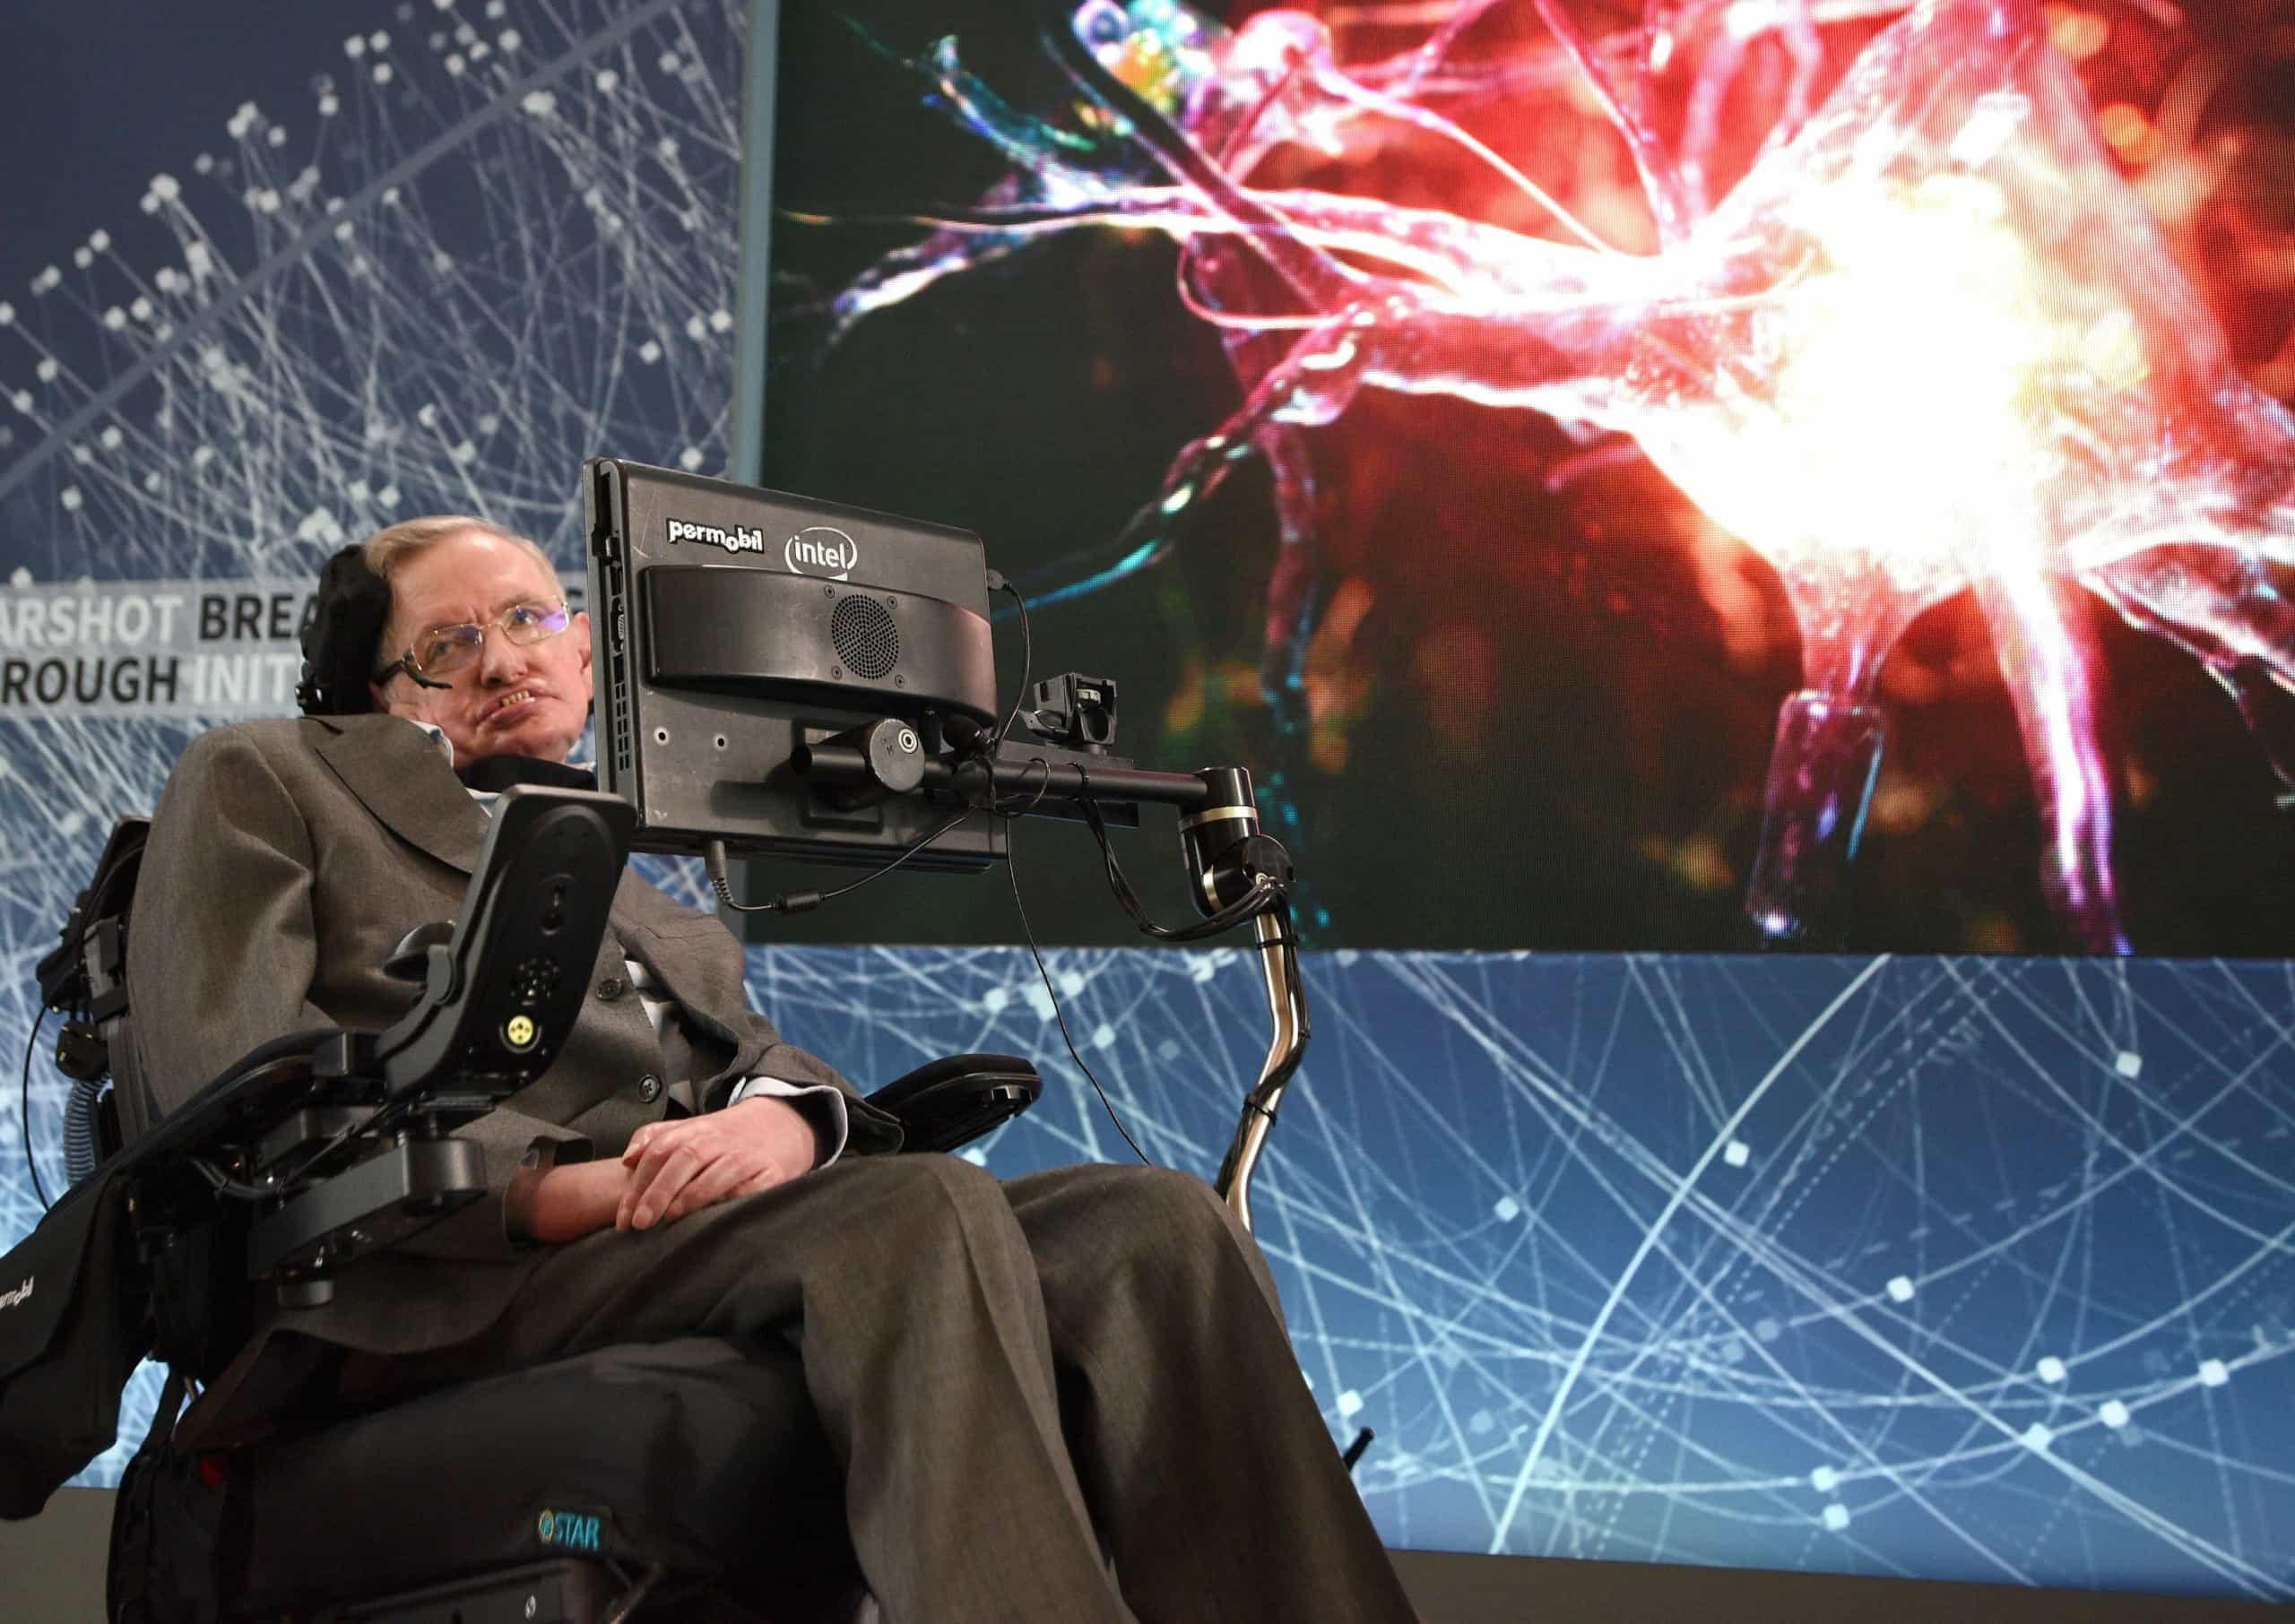 Última investigação de Stephen Hawking foi publicada